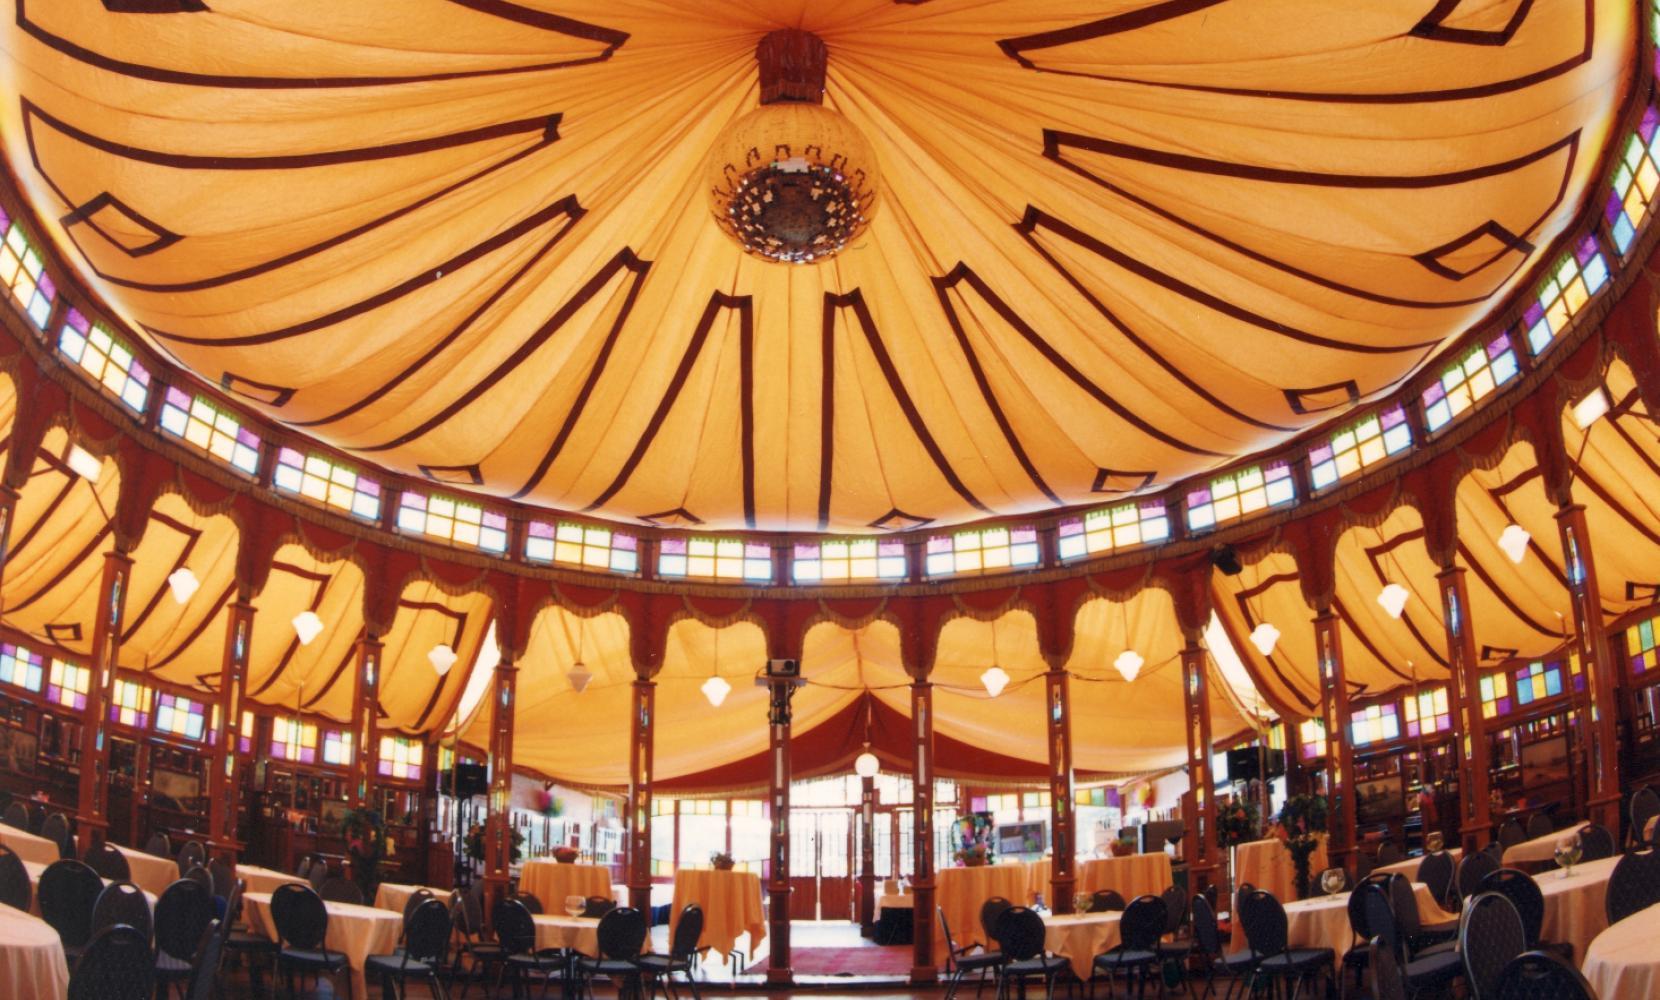 Spiegeltent Cristal Palace Het Spiegelpaleis I